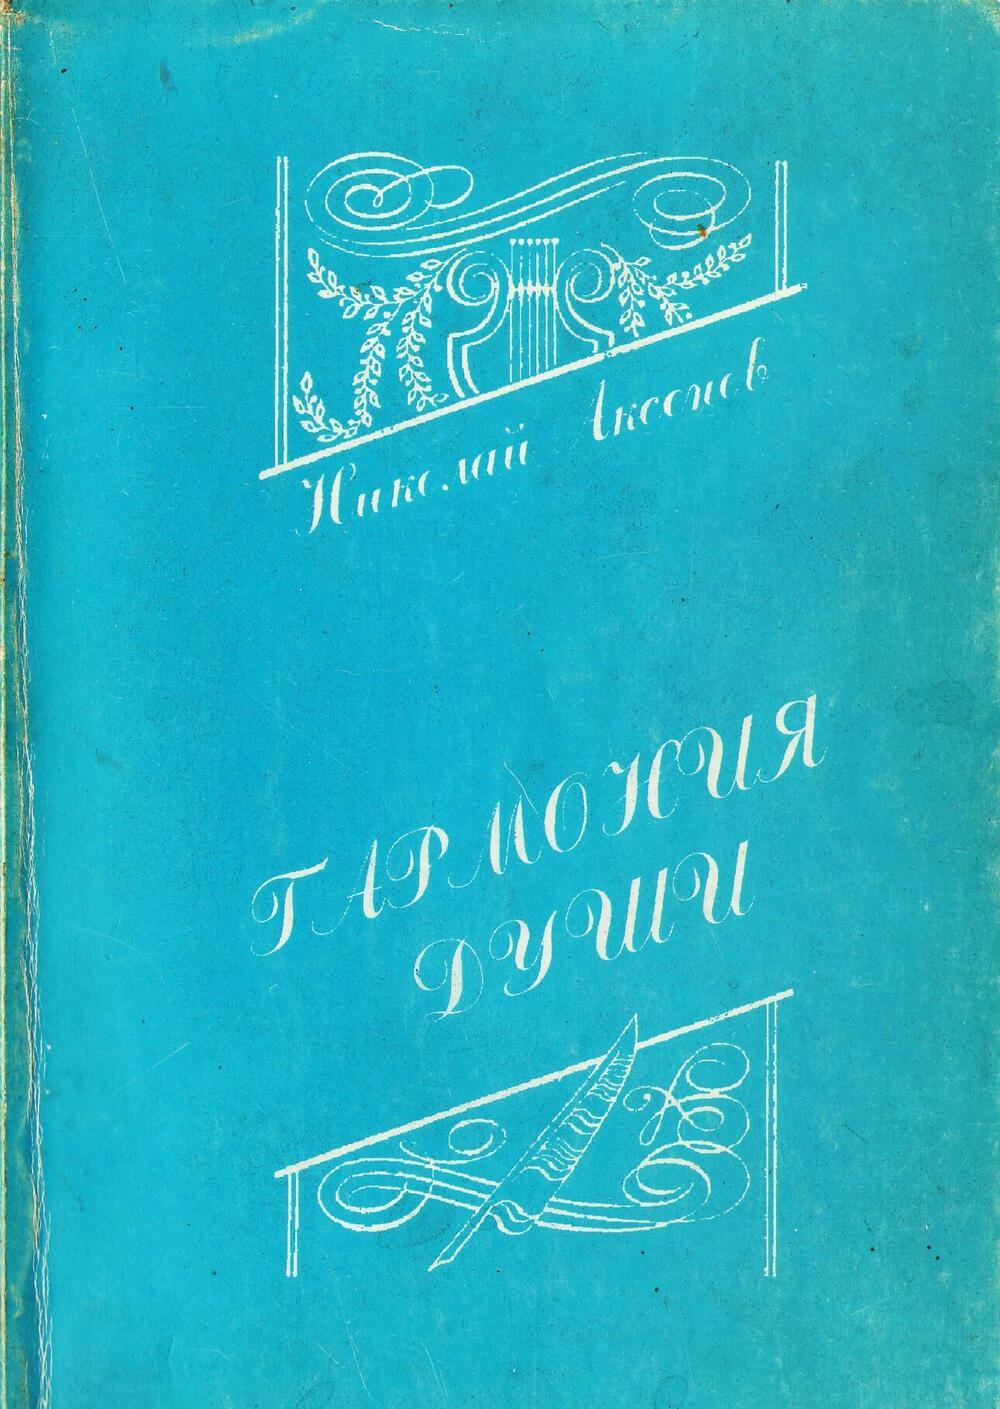 журнал тобол поэзия